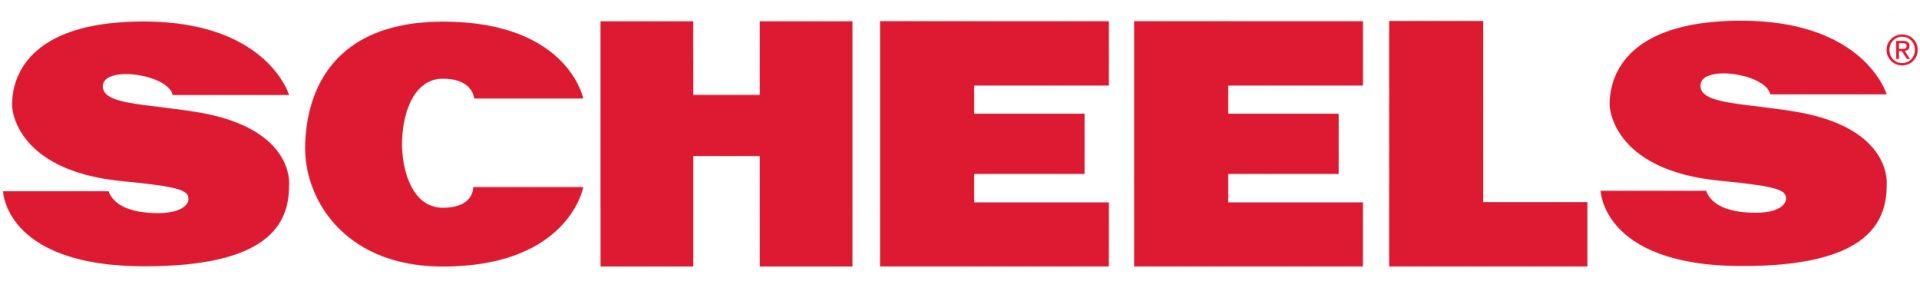 Scheels logo.